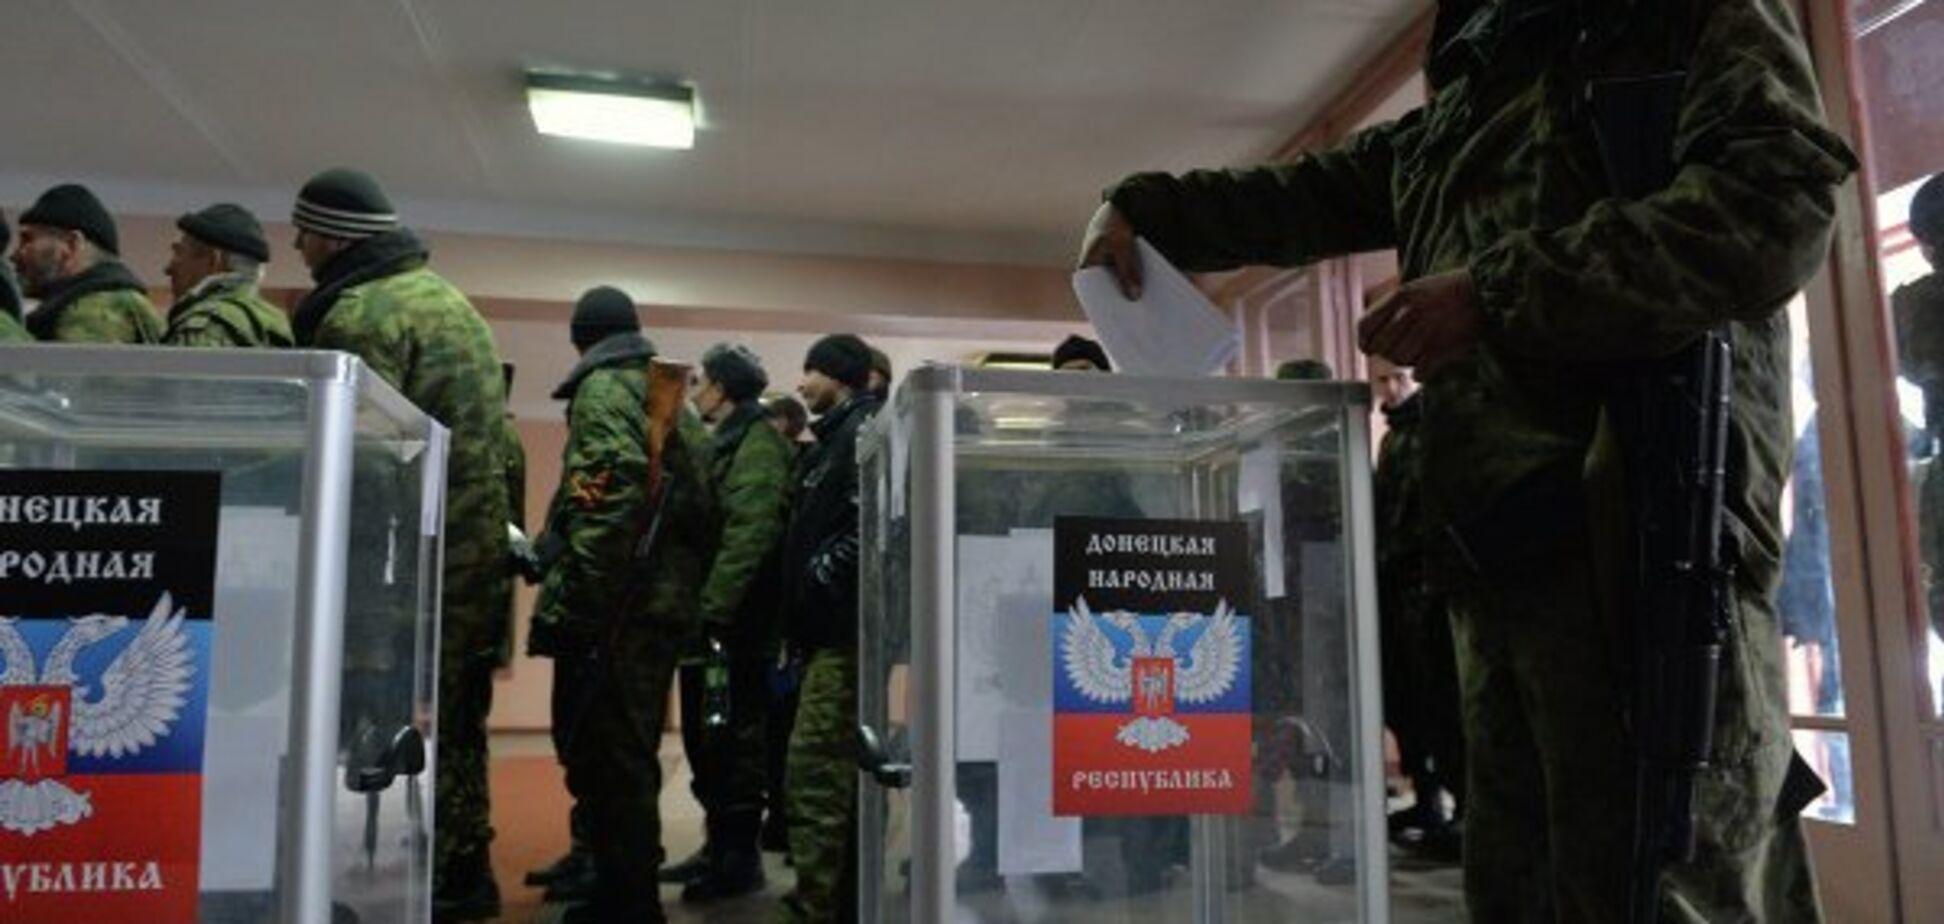 ''Буде свято'': Україні вказали на російський підтекст ''виборів Л/ДНР''